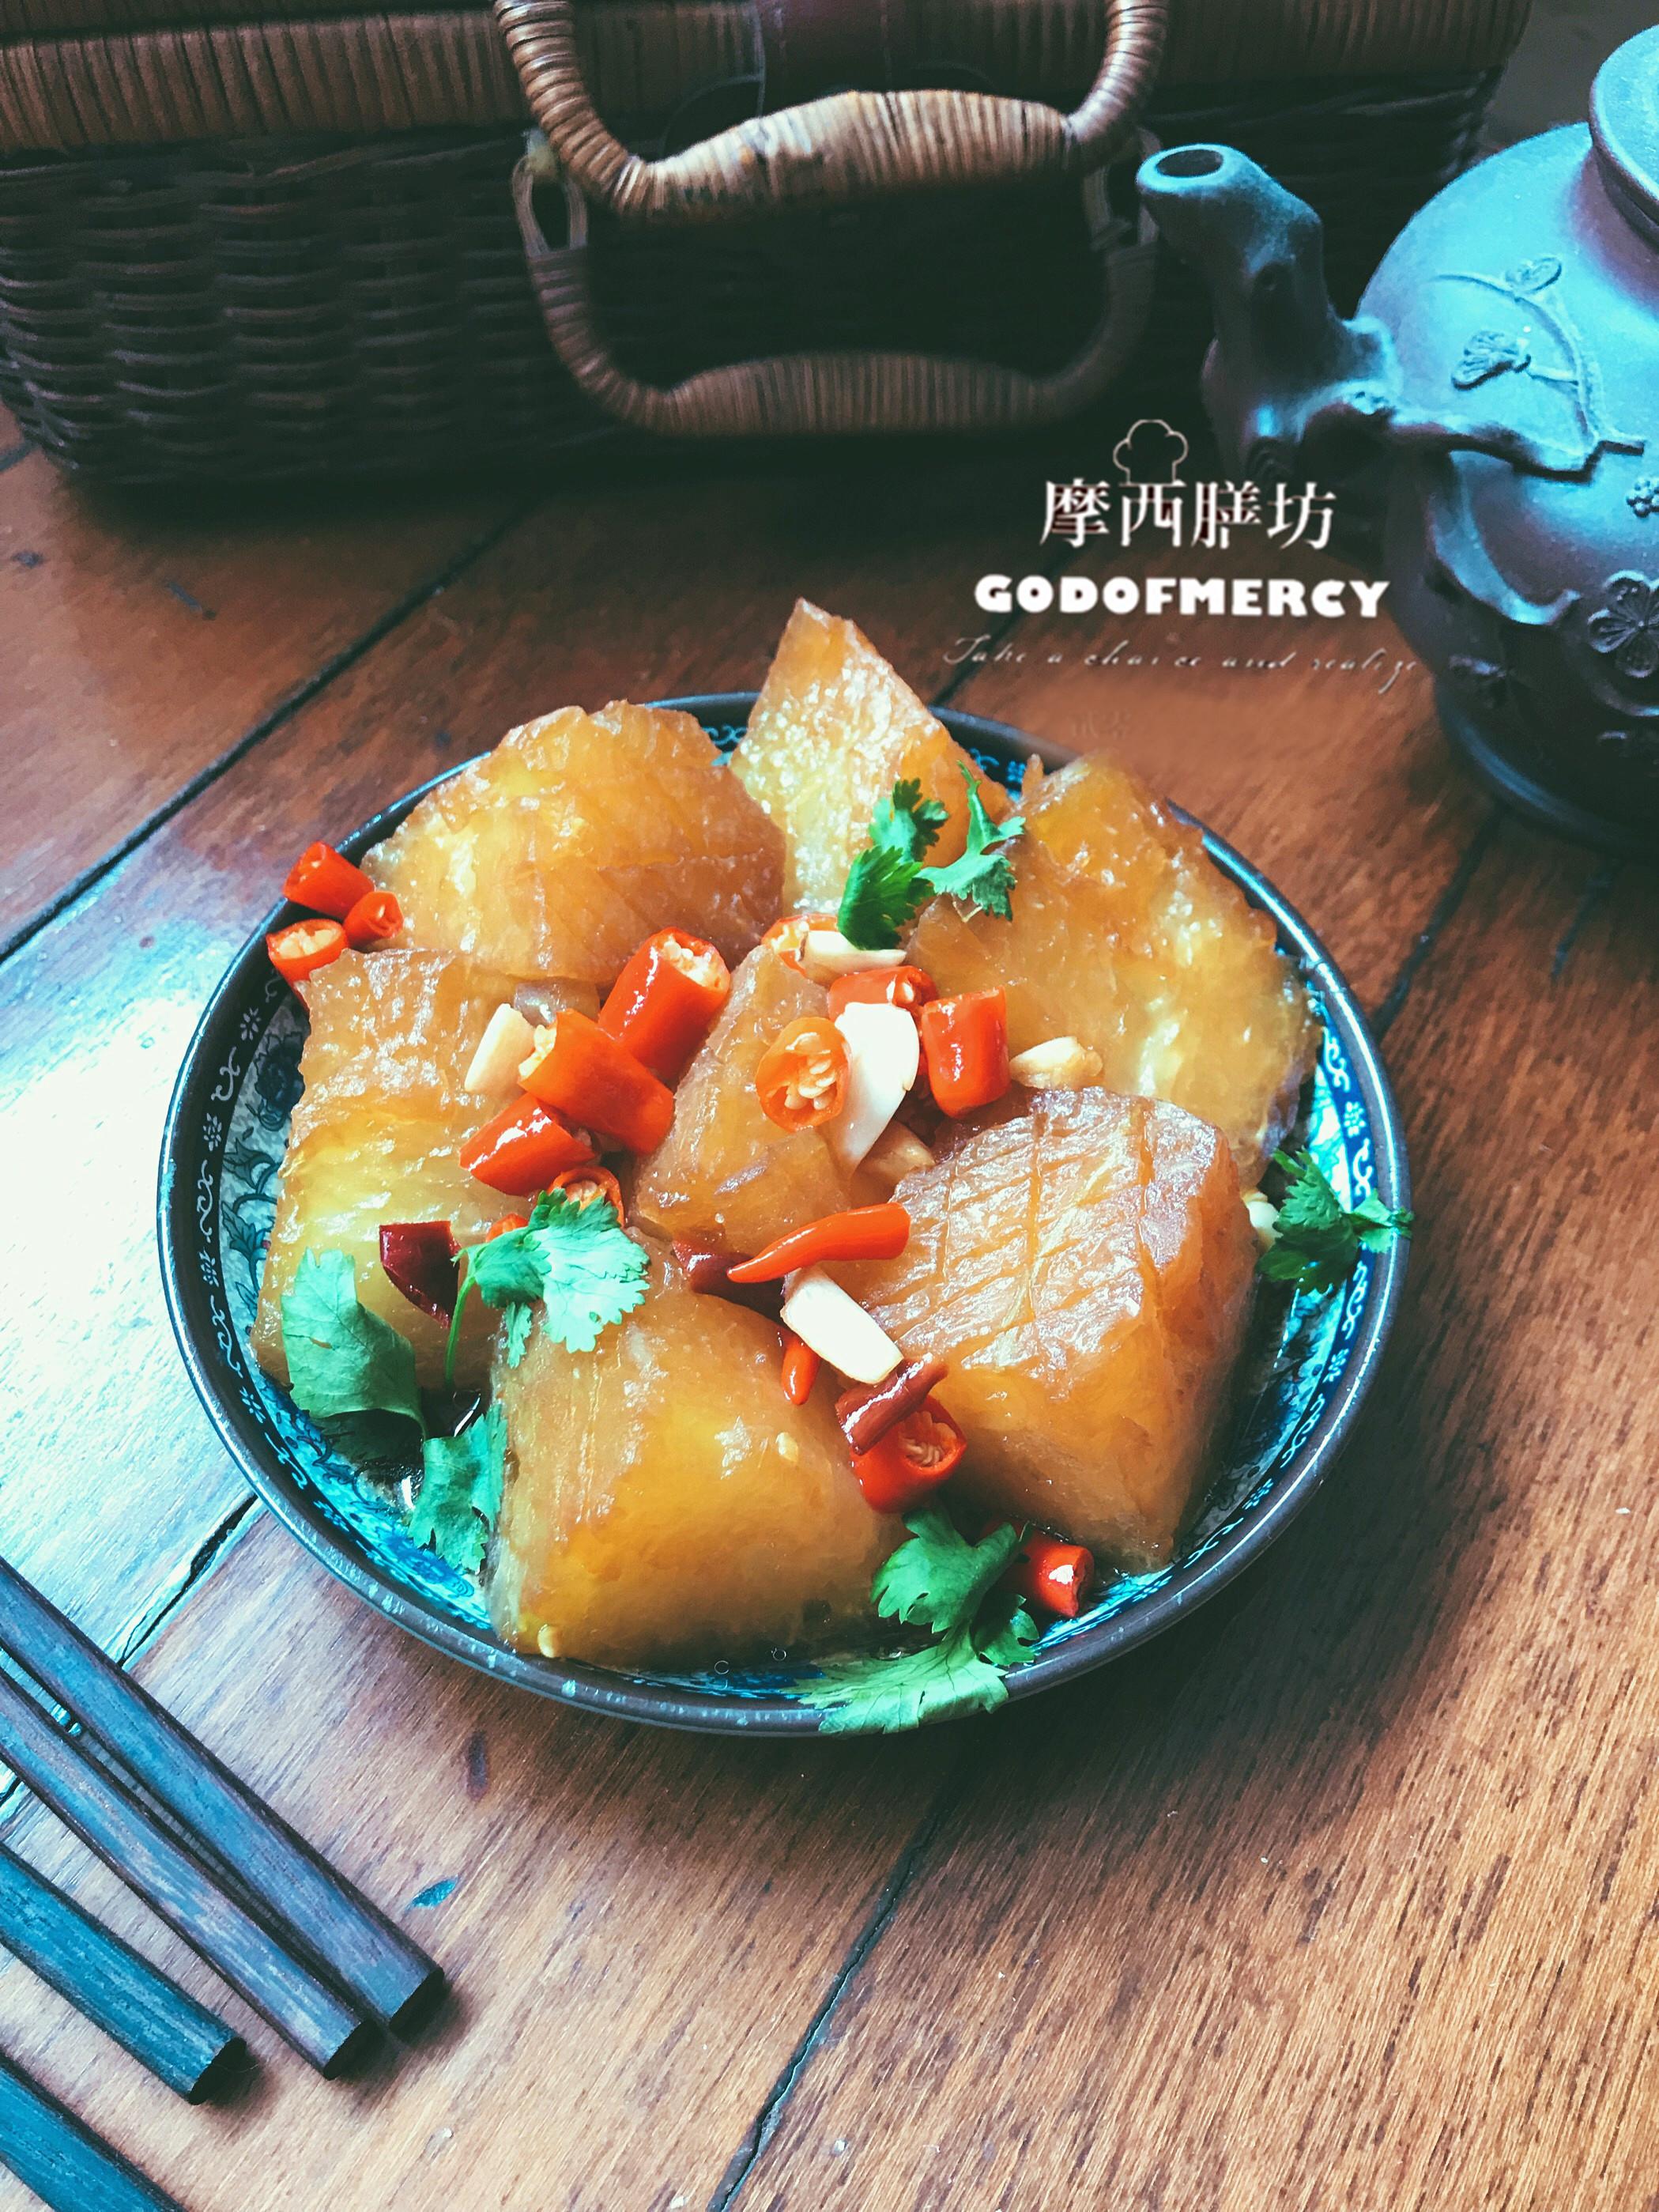 原创            红烧冬瓜比肉还好吃,十分钟就能搞定,减肥也能吃